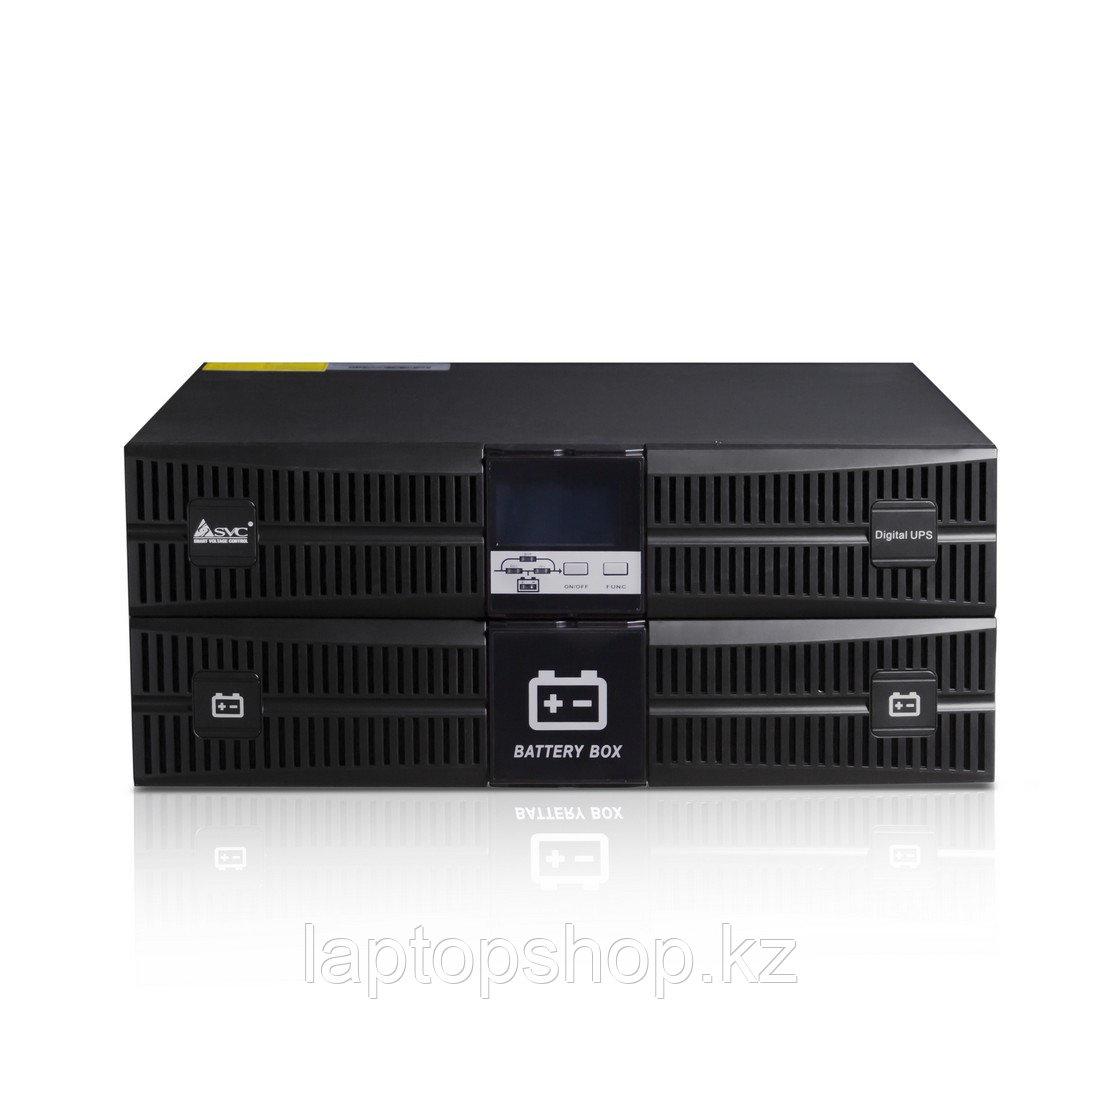 Источник бесперебойного питания SVC RT-2KL-LCD, Мощность 2000ВА/1800Вт